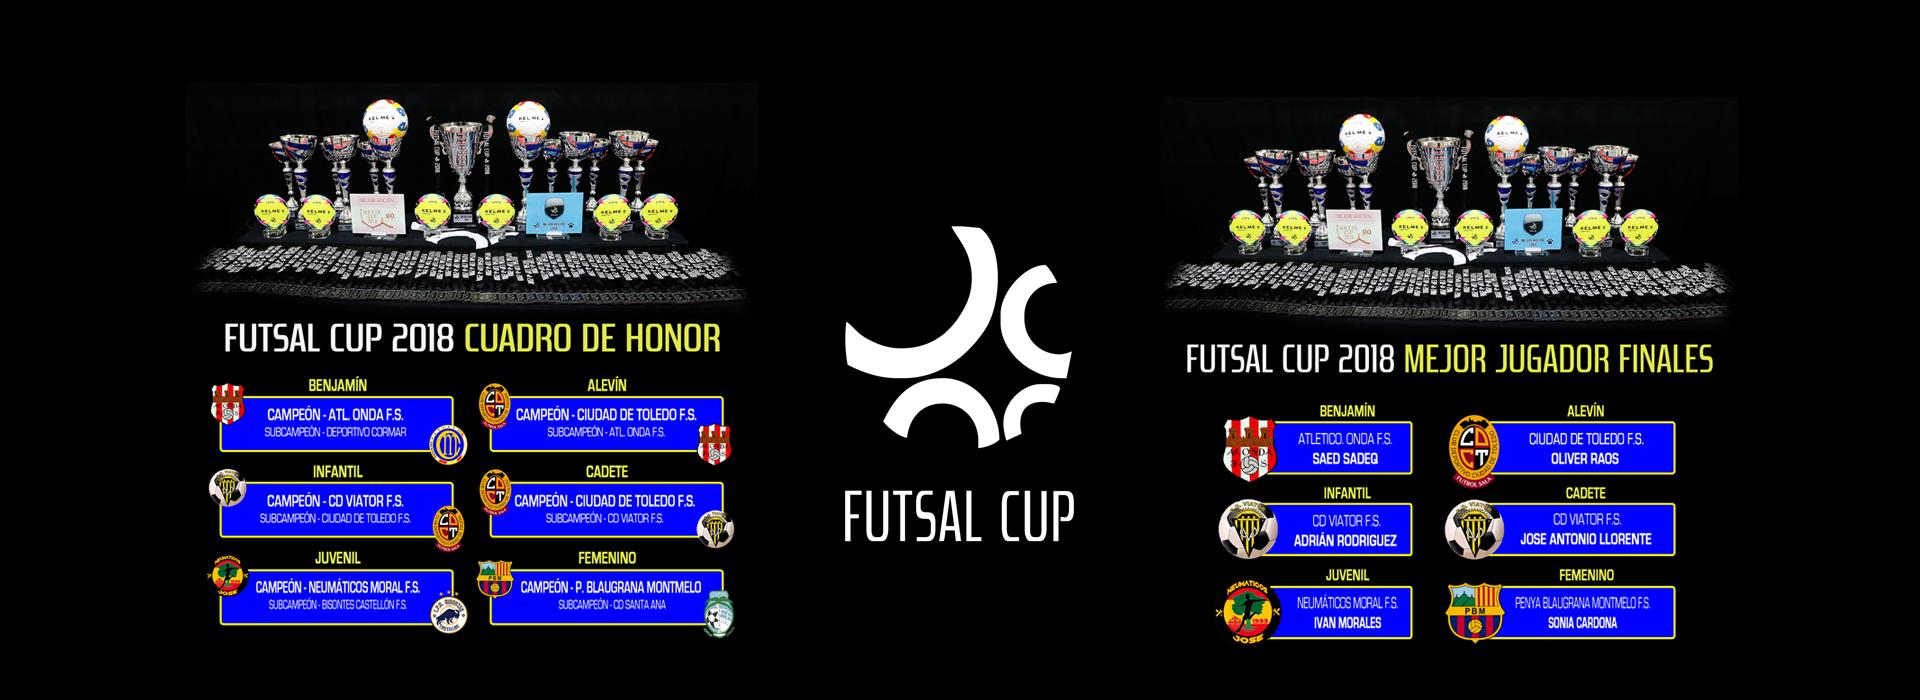 CUADRO-DE-HONOR-FCUP18-2